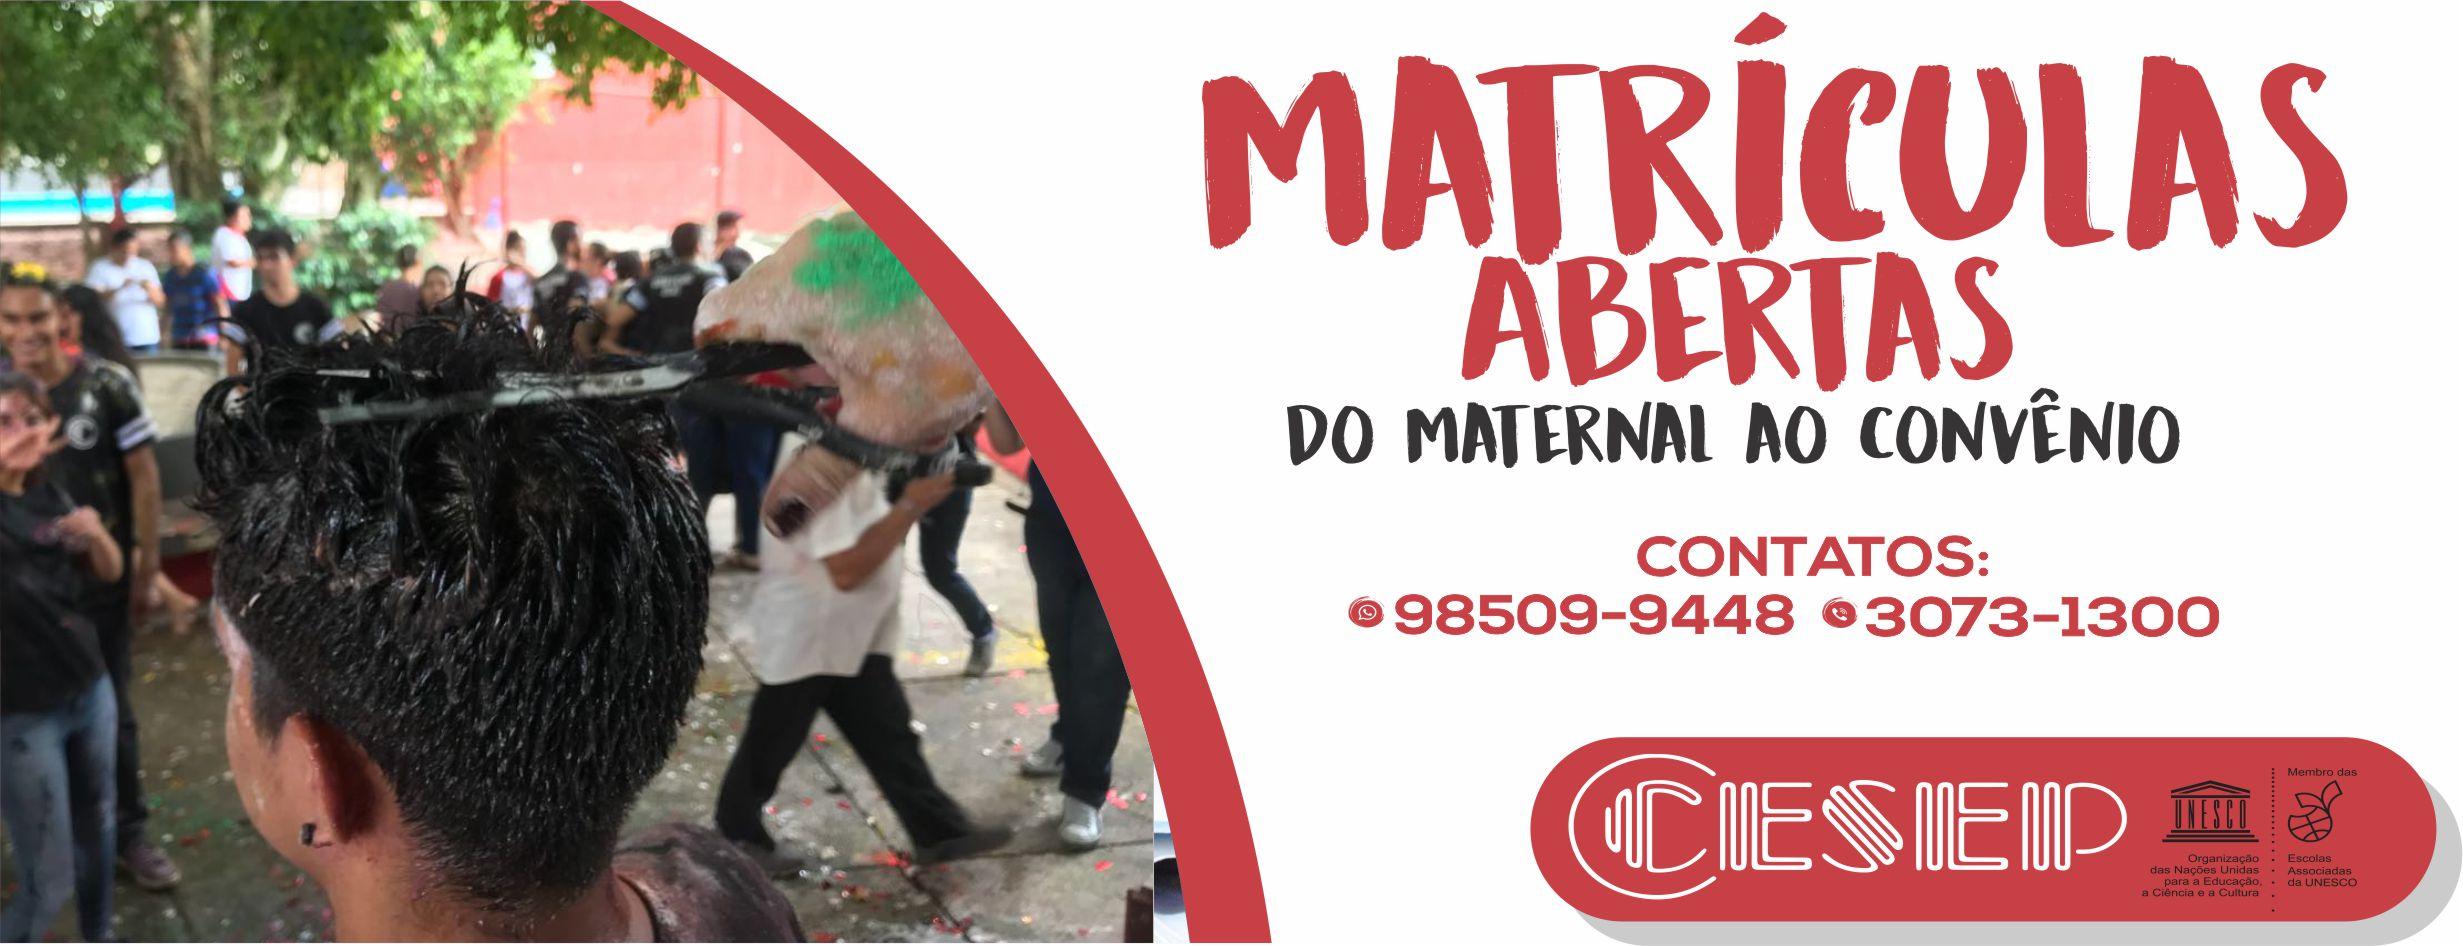 OUTDOOR MATRÍCULAS ABERTAS 2017 08